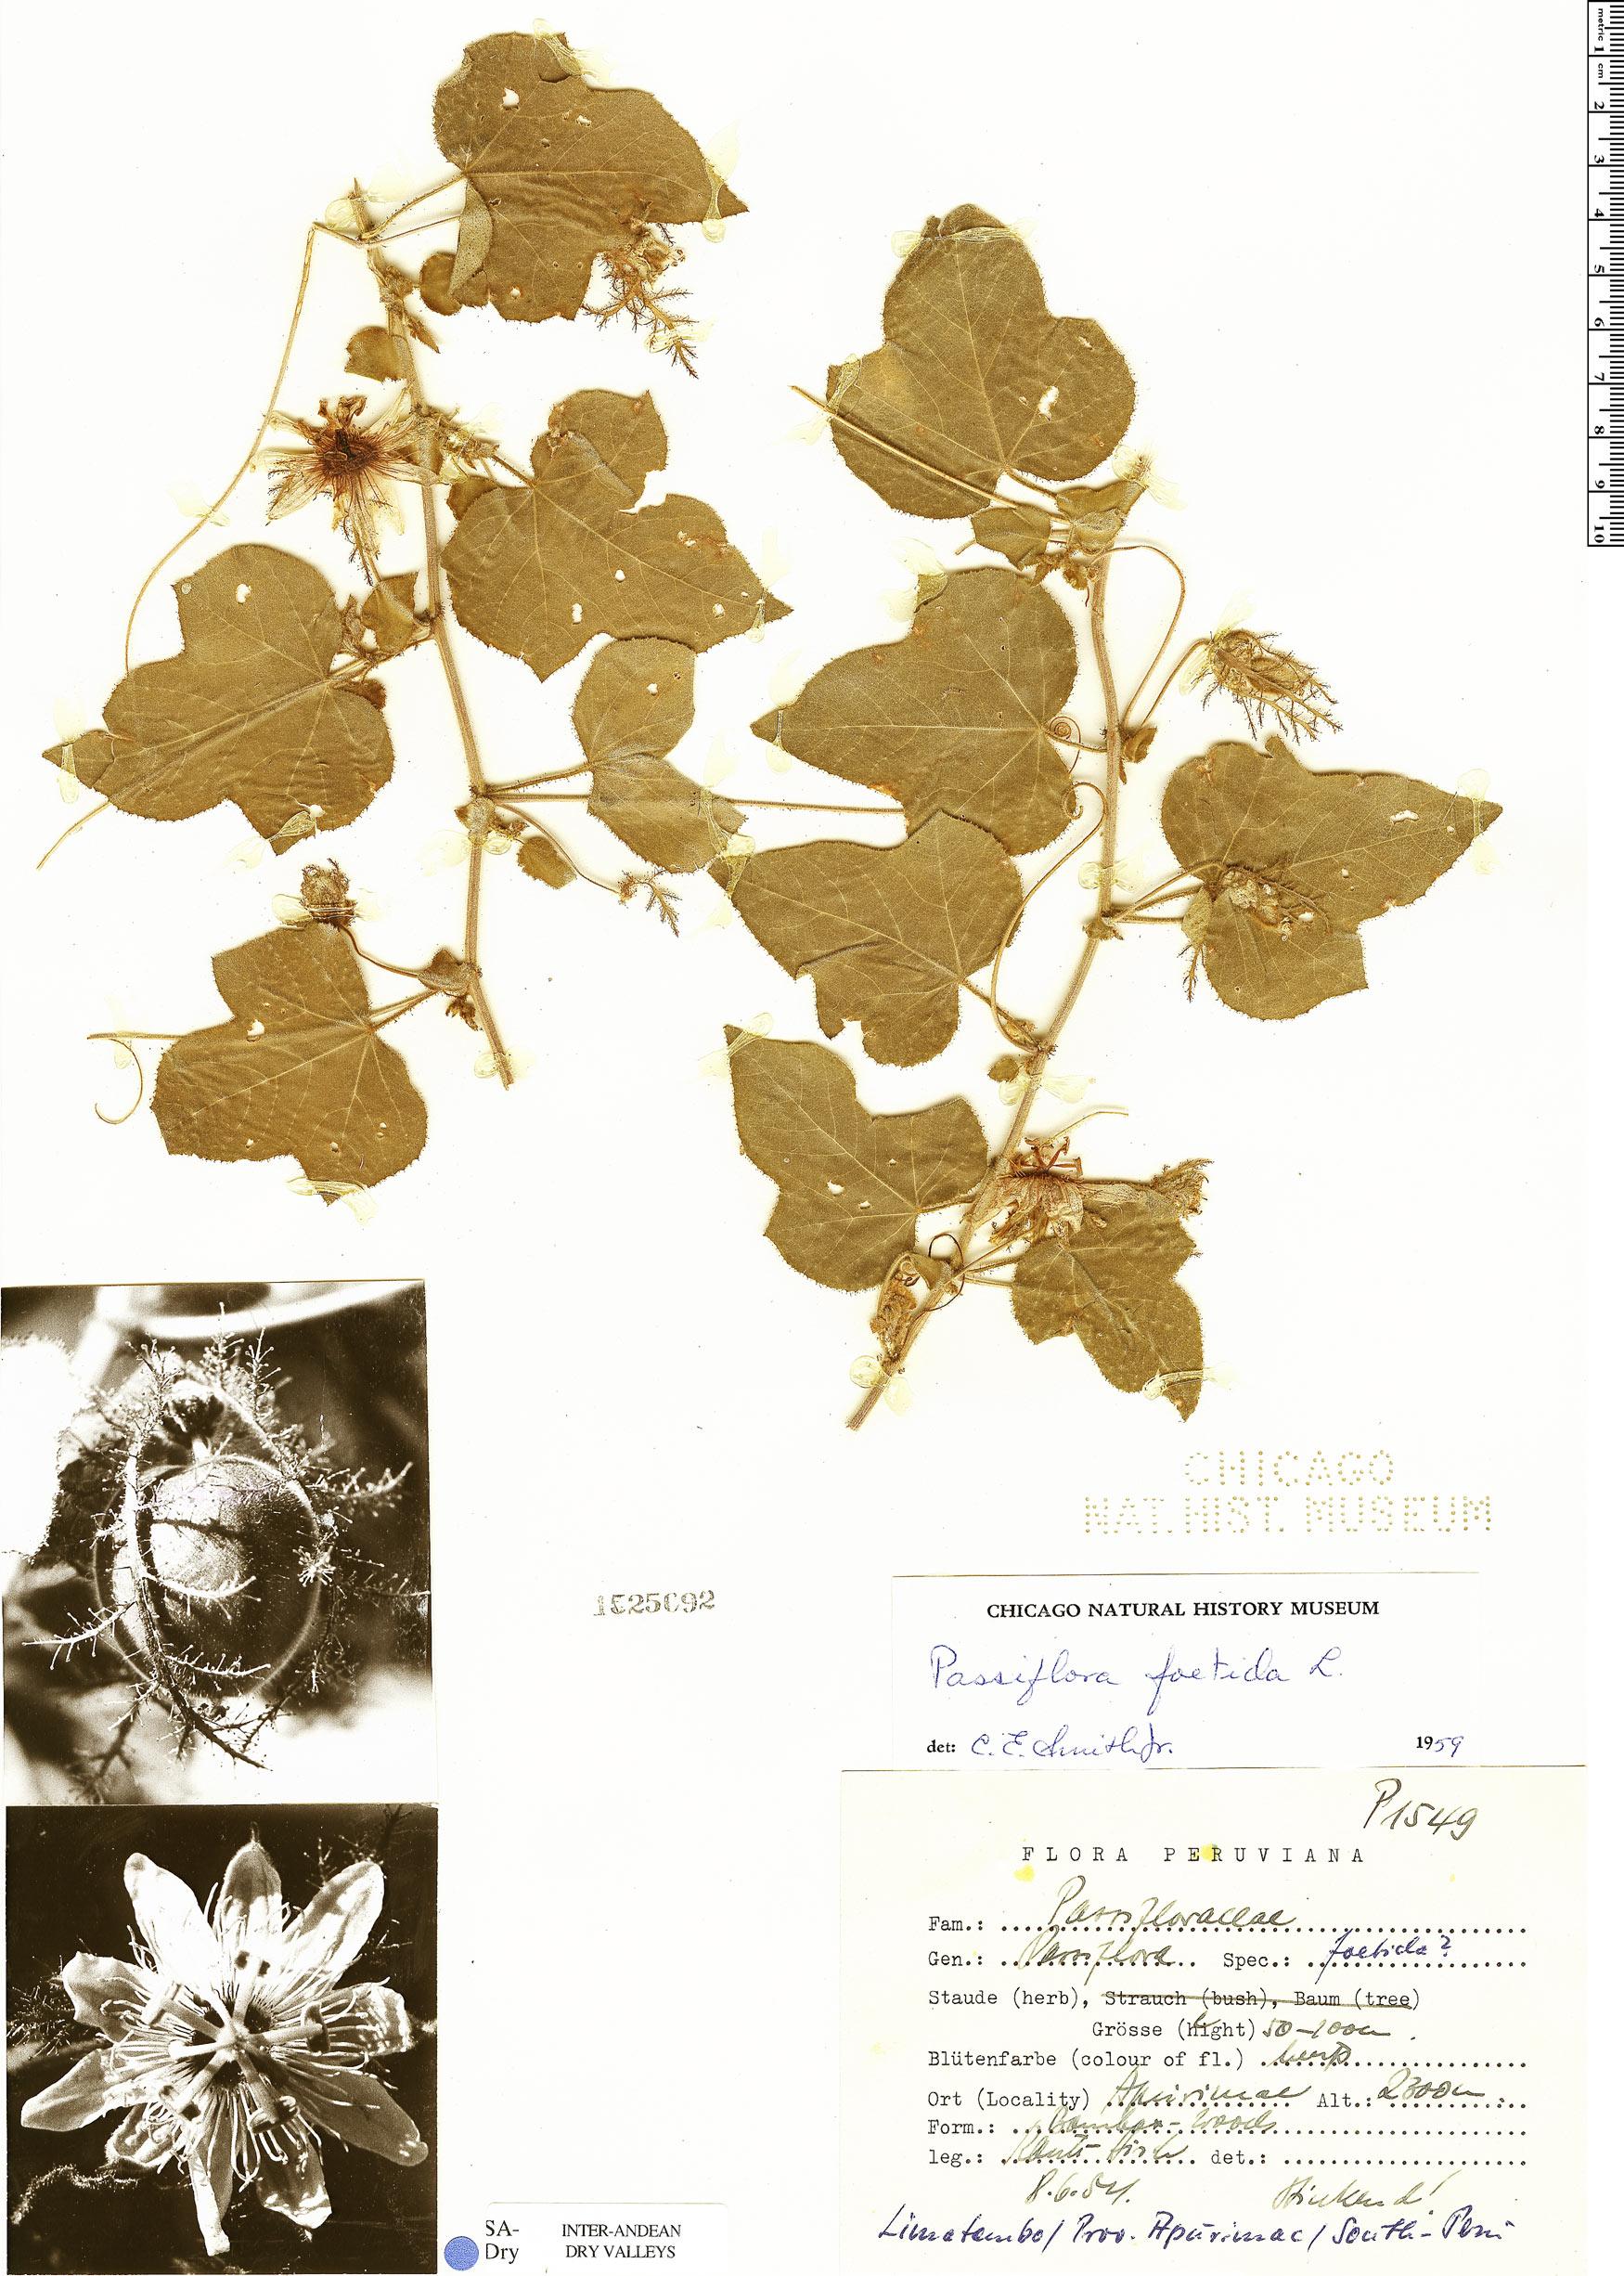 Specimen: Passiflora foetida